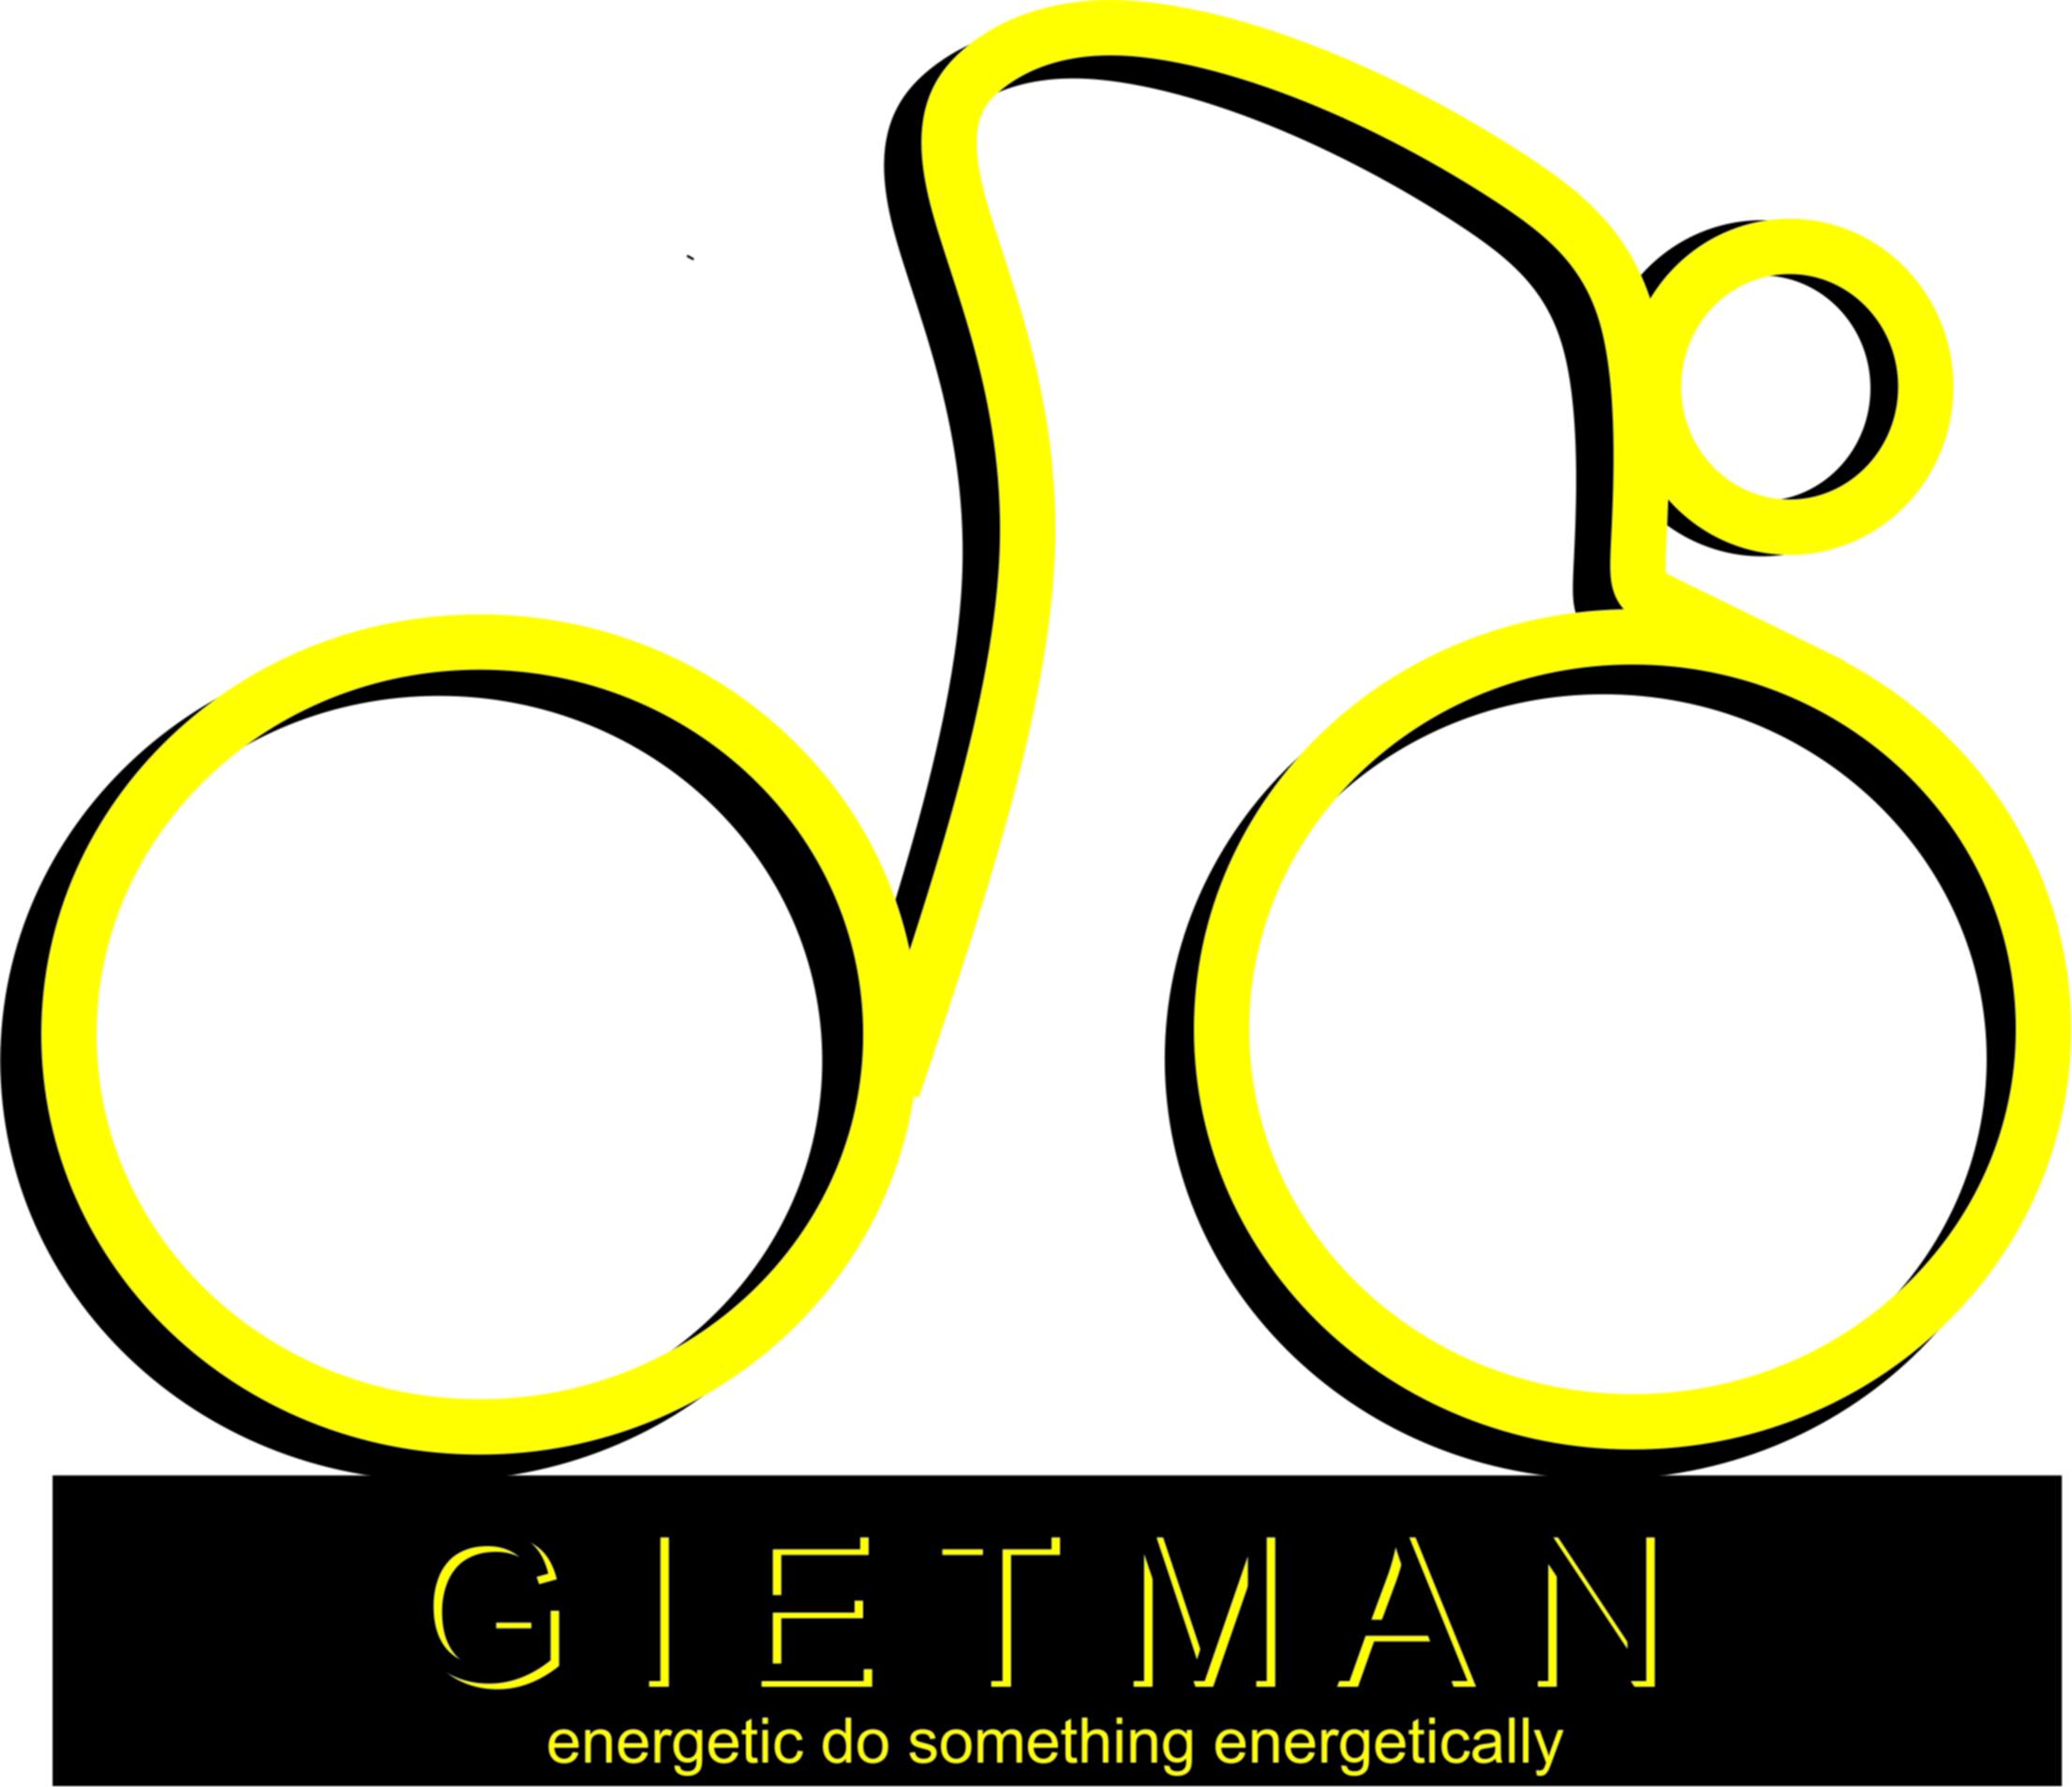 GIETMAN.